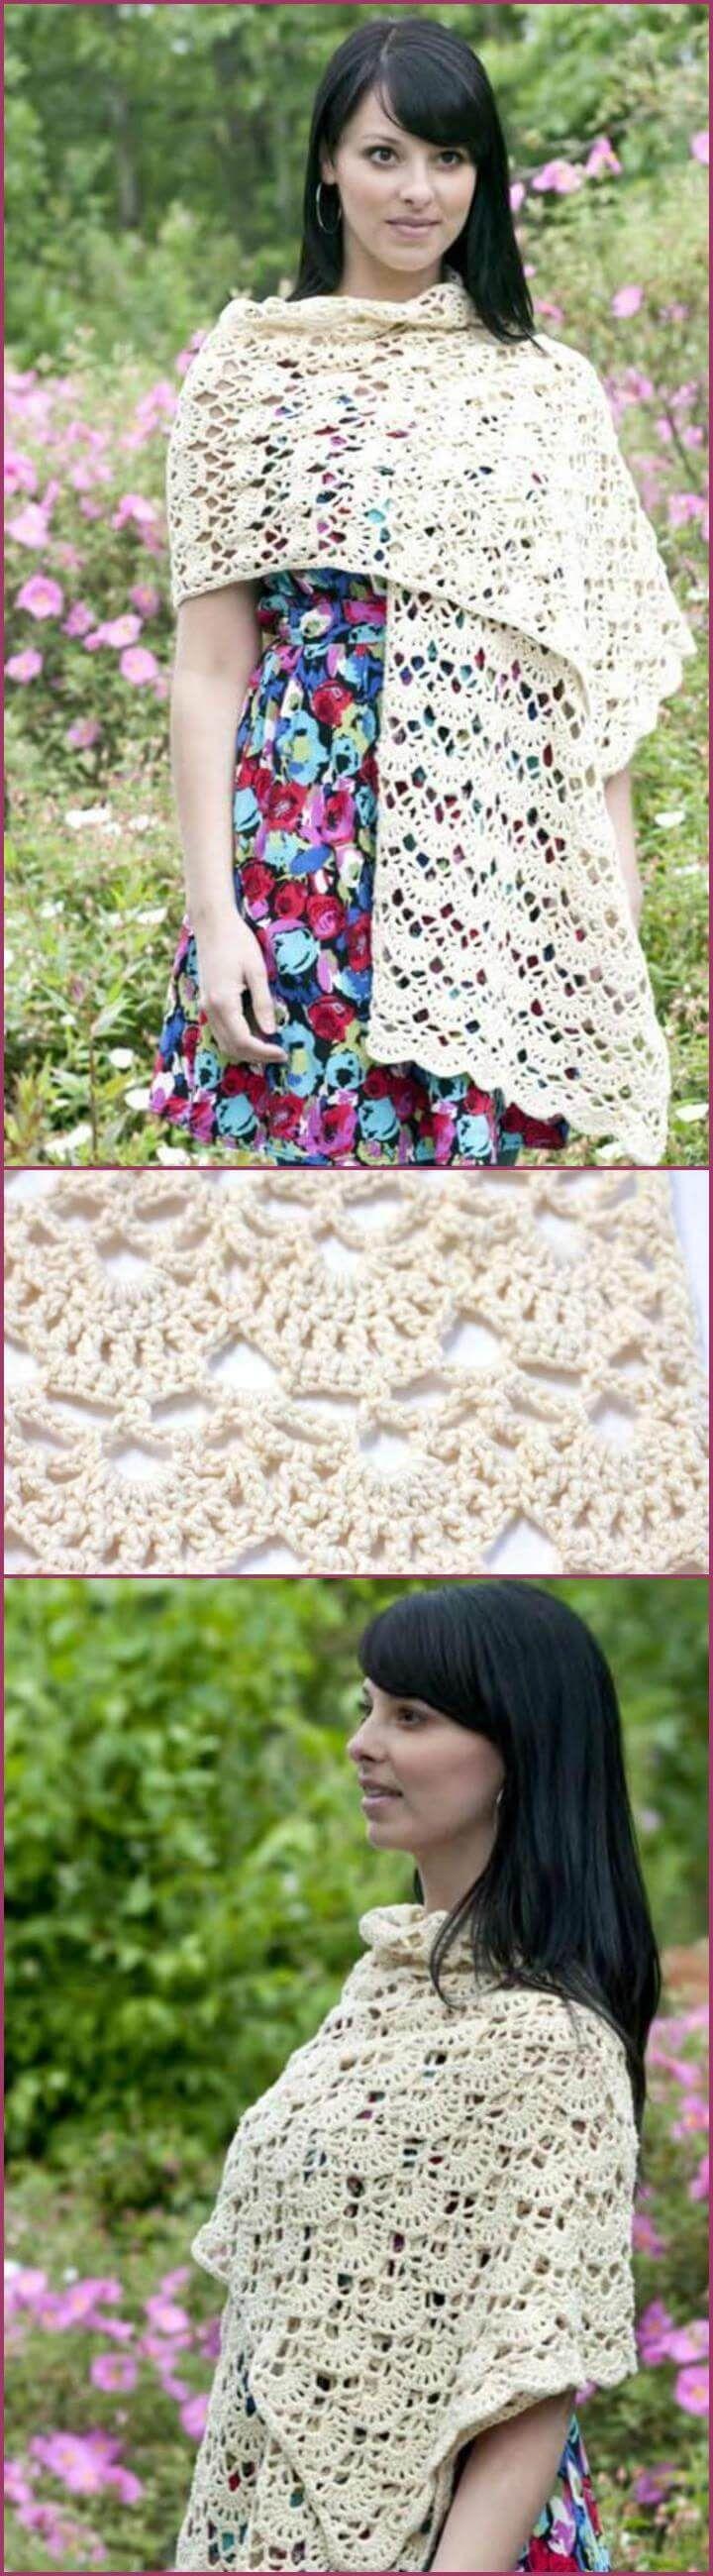 100 Free Crochet Shawl Patterns - Free Crochet Patterns - Page 2 of ...